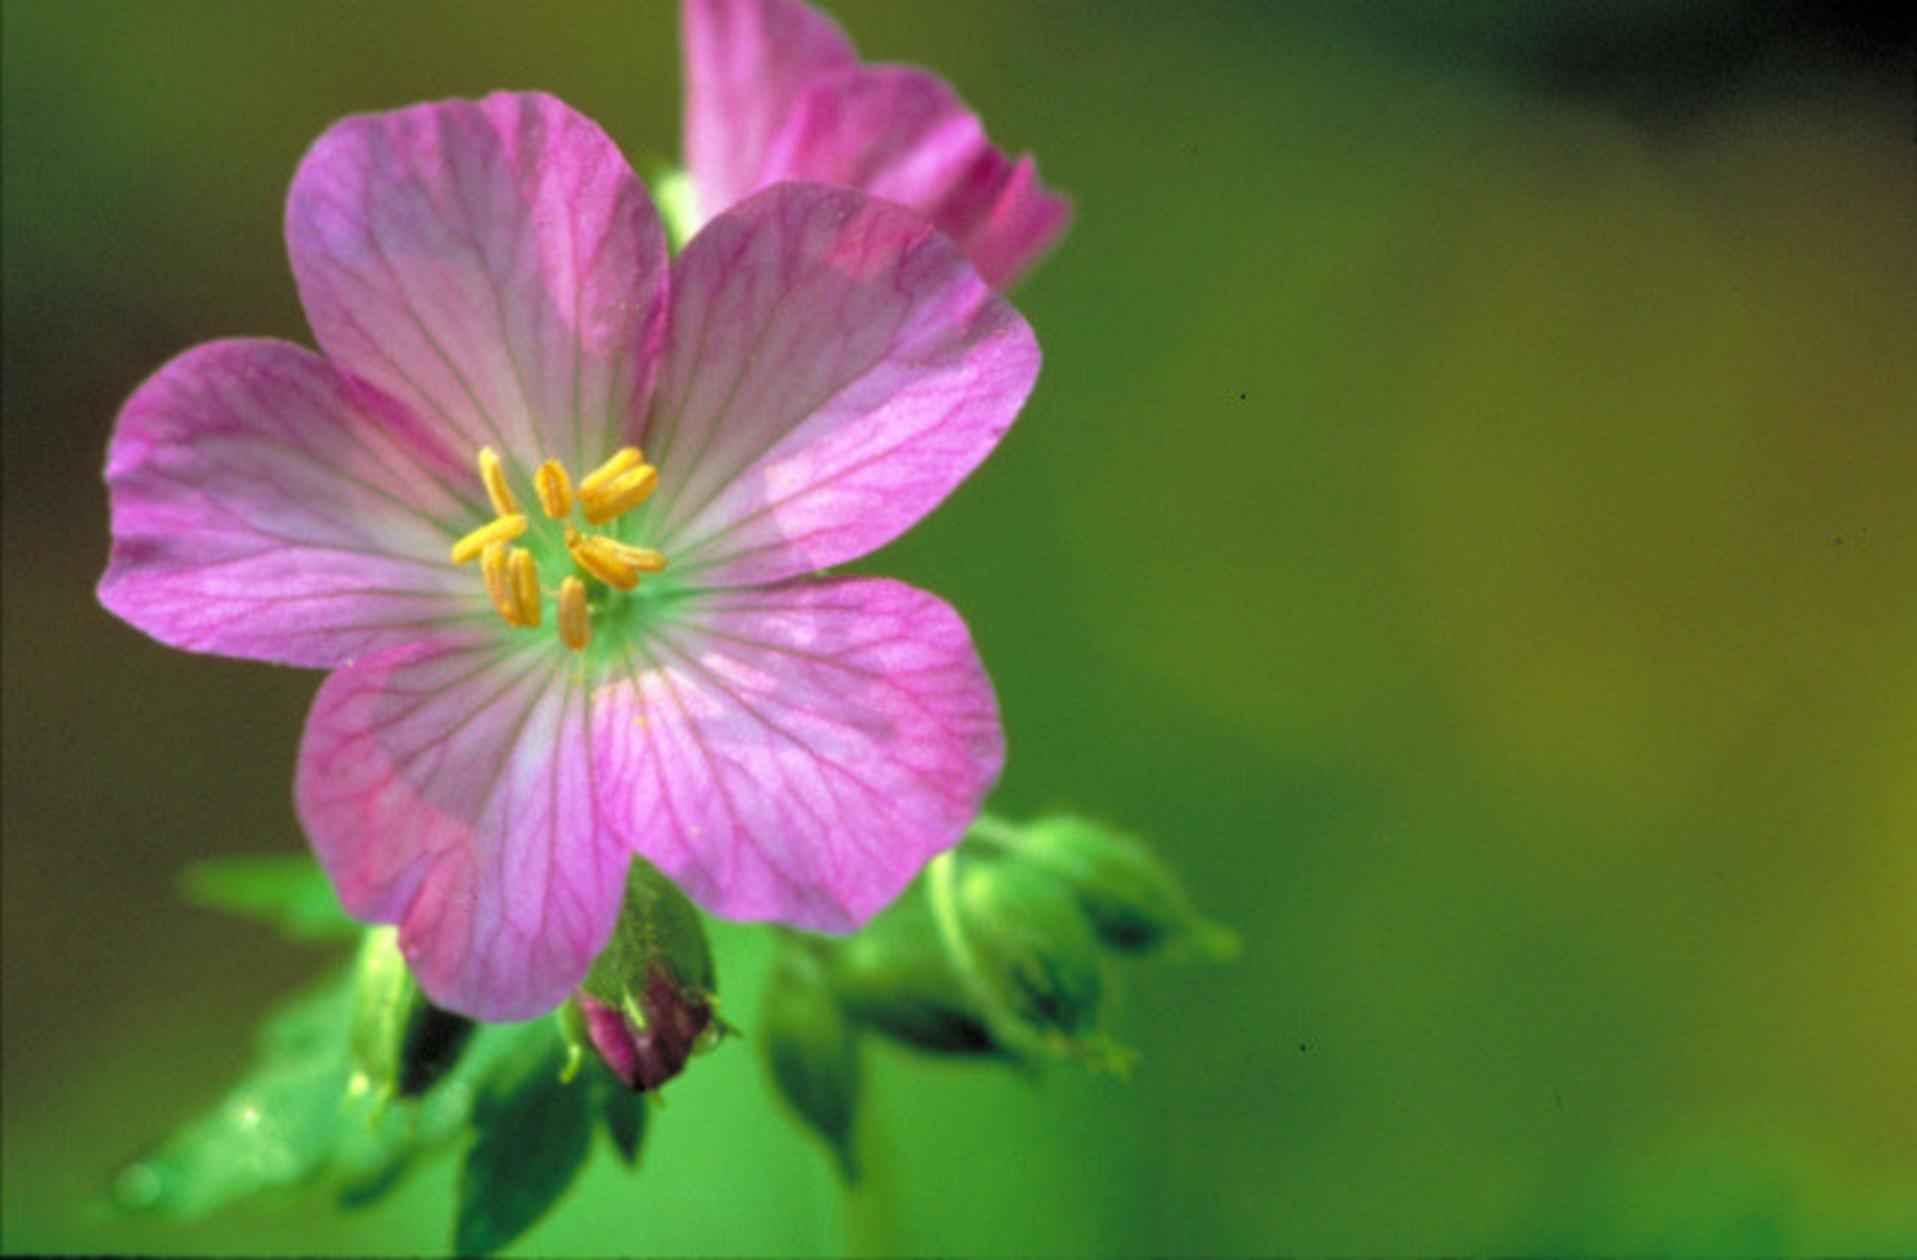 filepretty purple wild geranium flower in bloom geranium, Beautiful flower